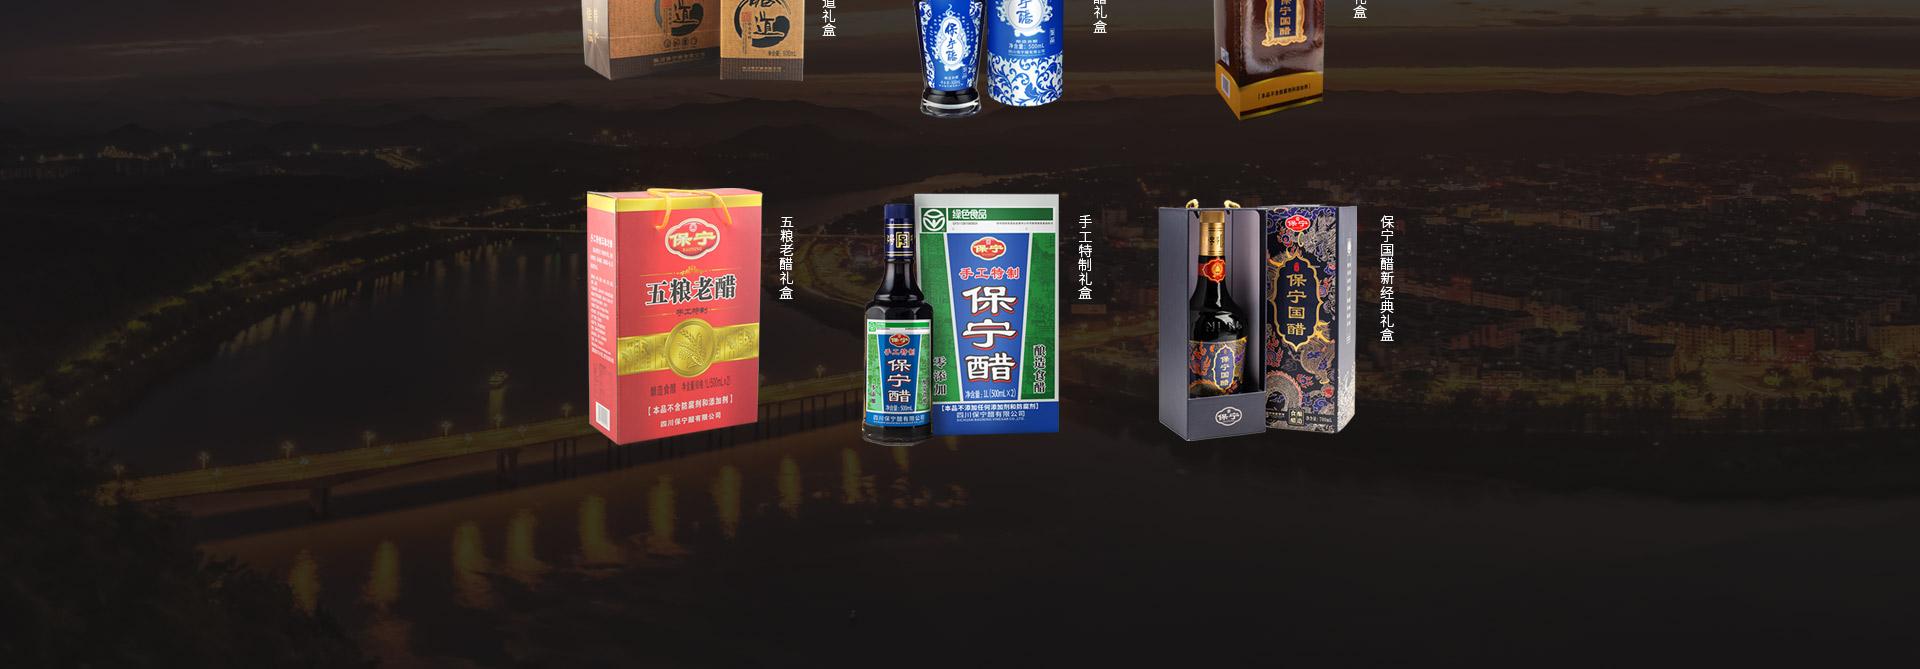 产品-礼盒_06.jpg